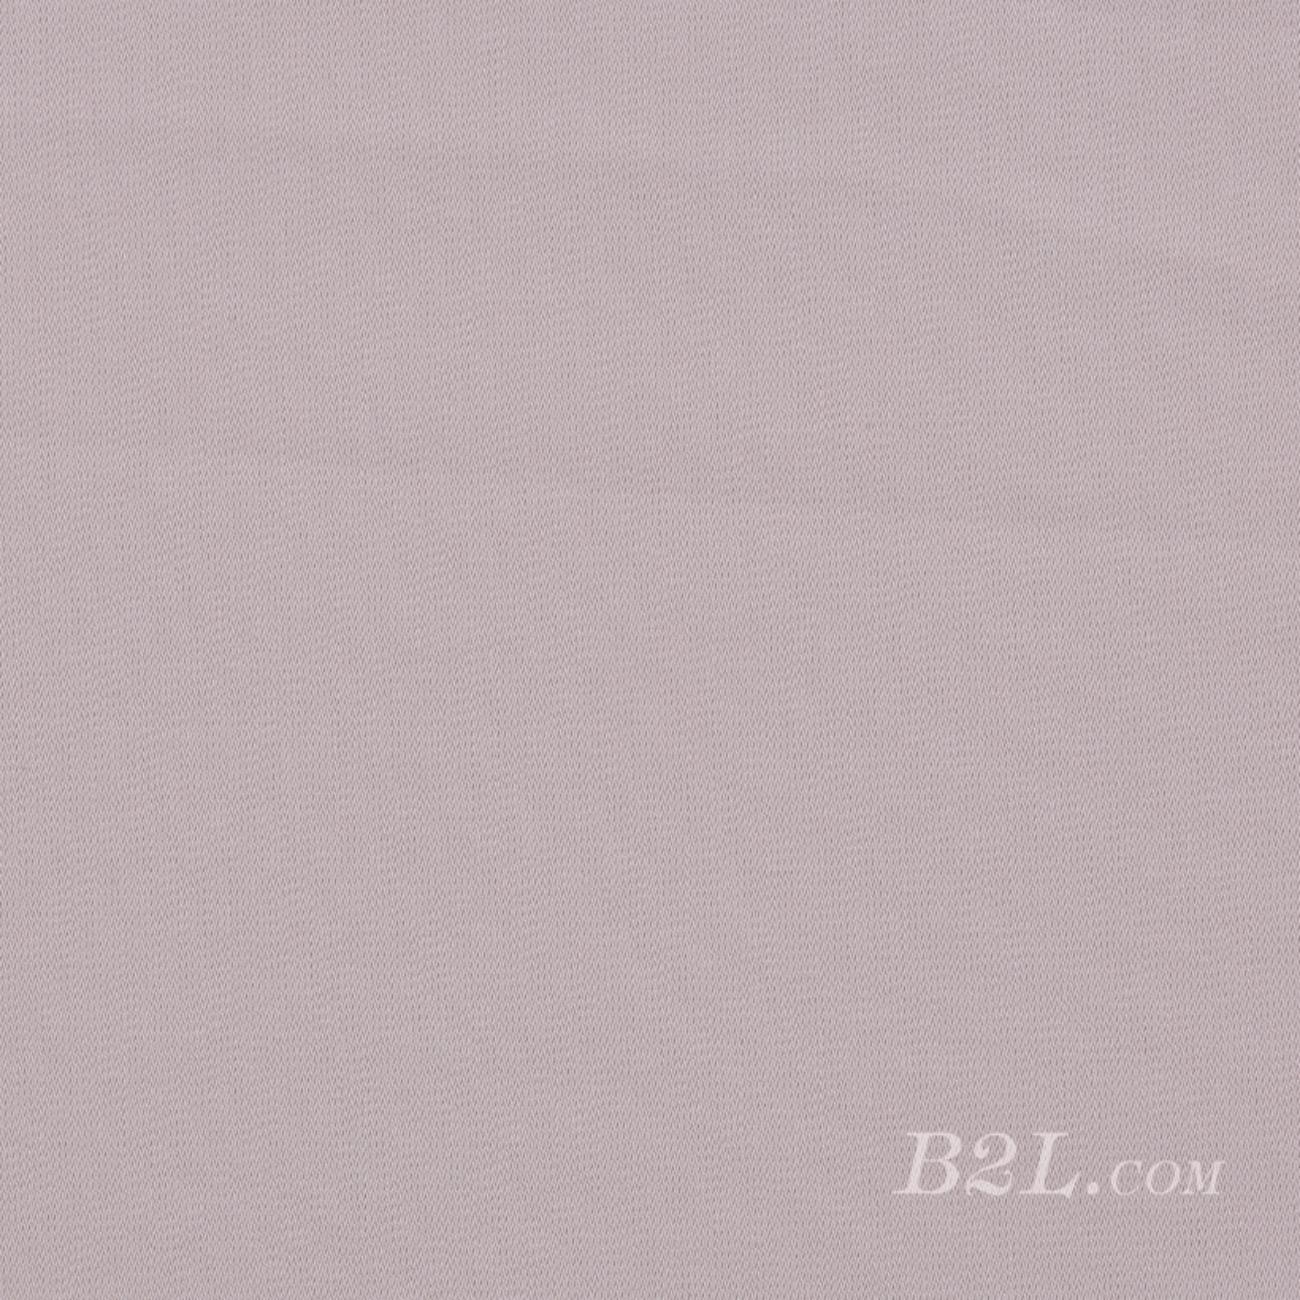 梭织染色素色面料-春夏秋款连衣裙裤装休闲服外套面料80910-8